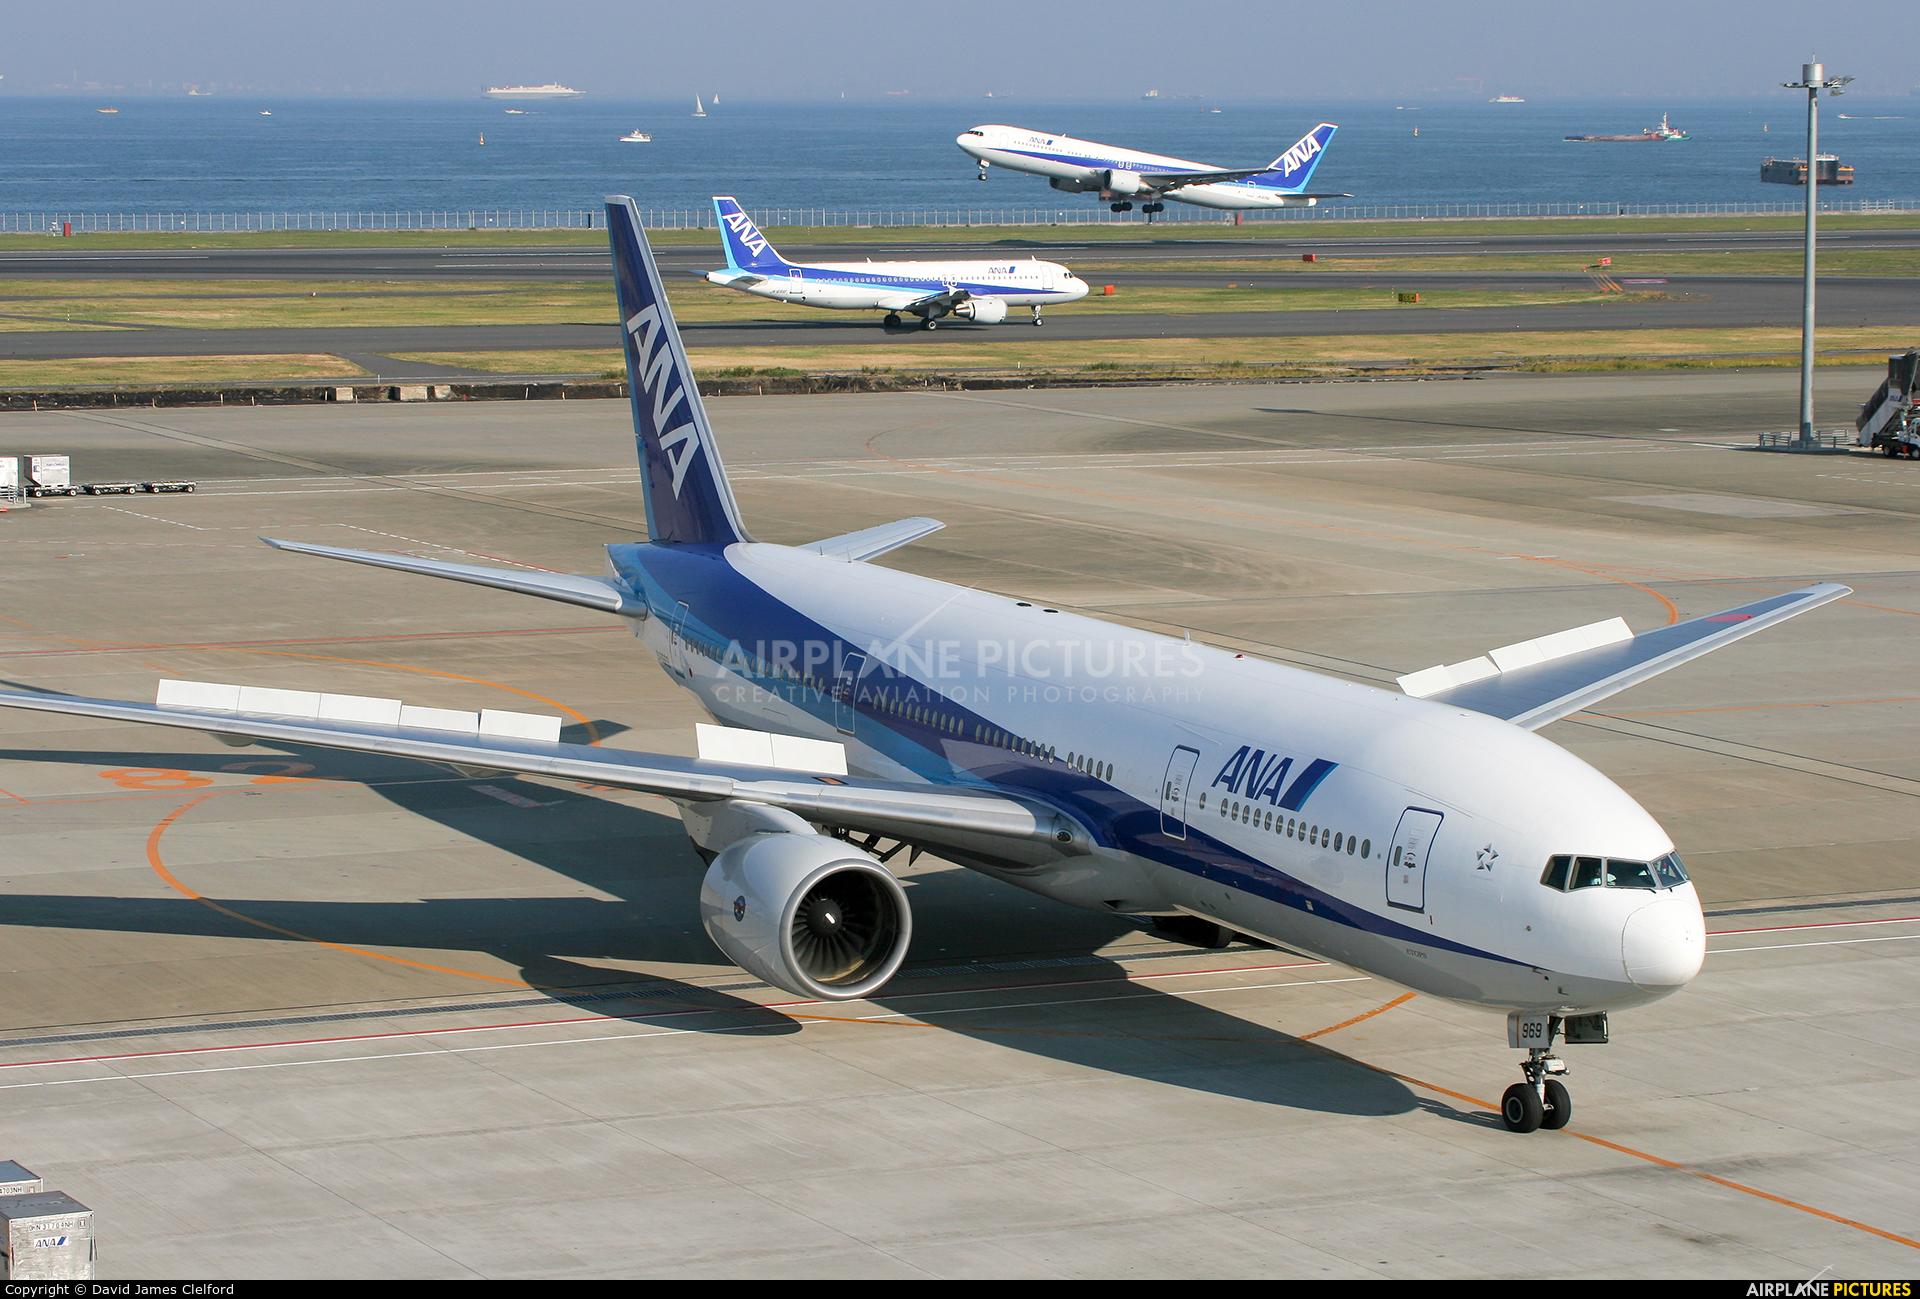 ANA - All Nippon Airways JA8969 aircraft at Tokyo - Haneda Intl